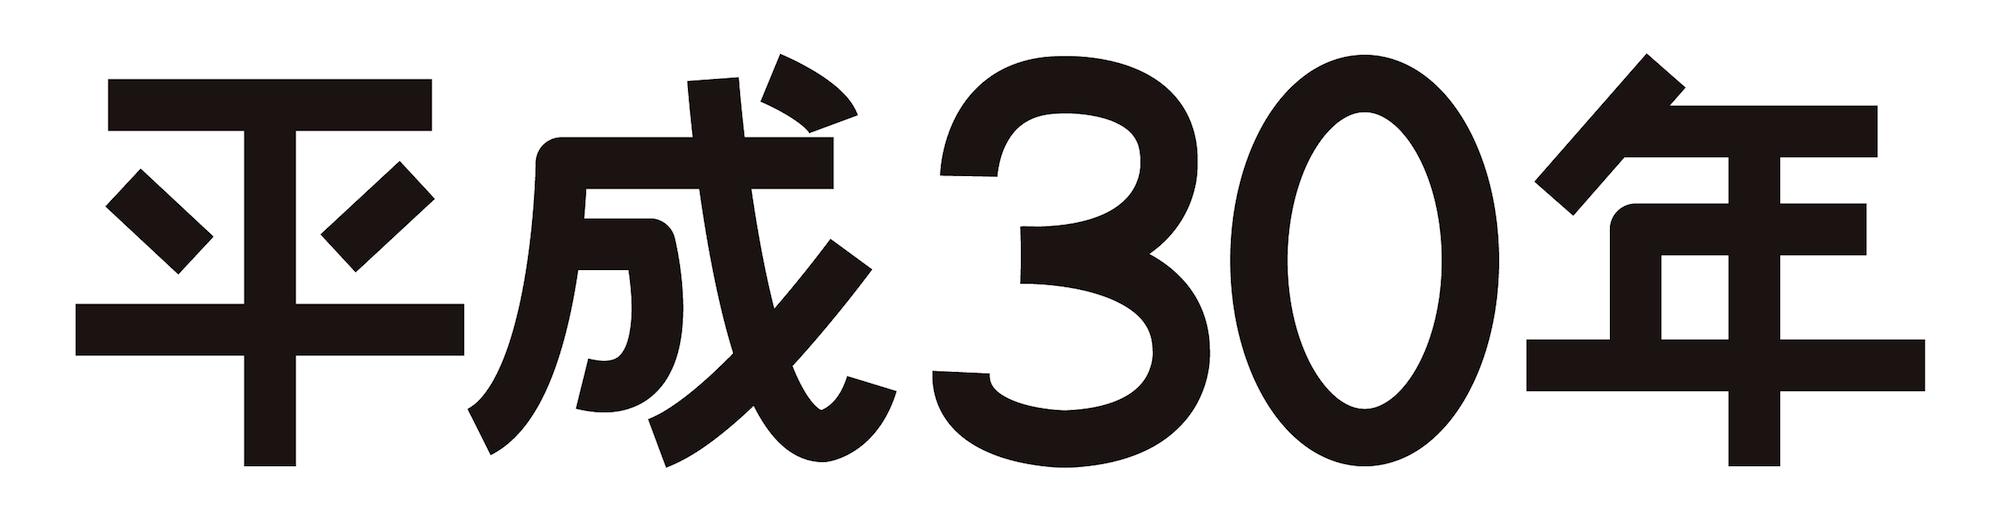 平成30年文字無料イラスト年賀状素材 | 無料イラスト配布サイトマンガトップ